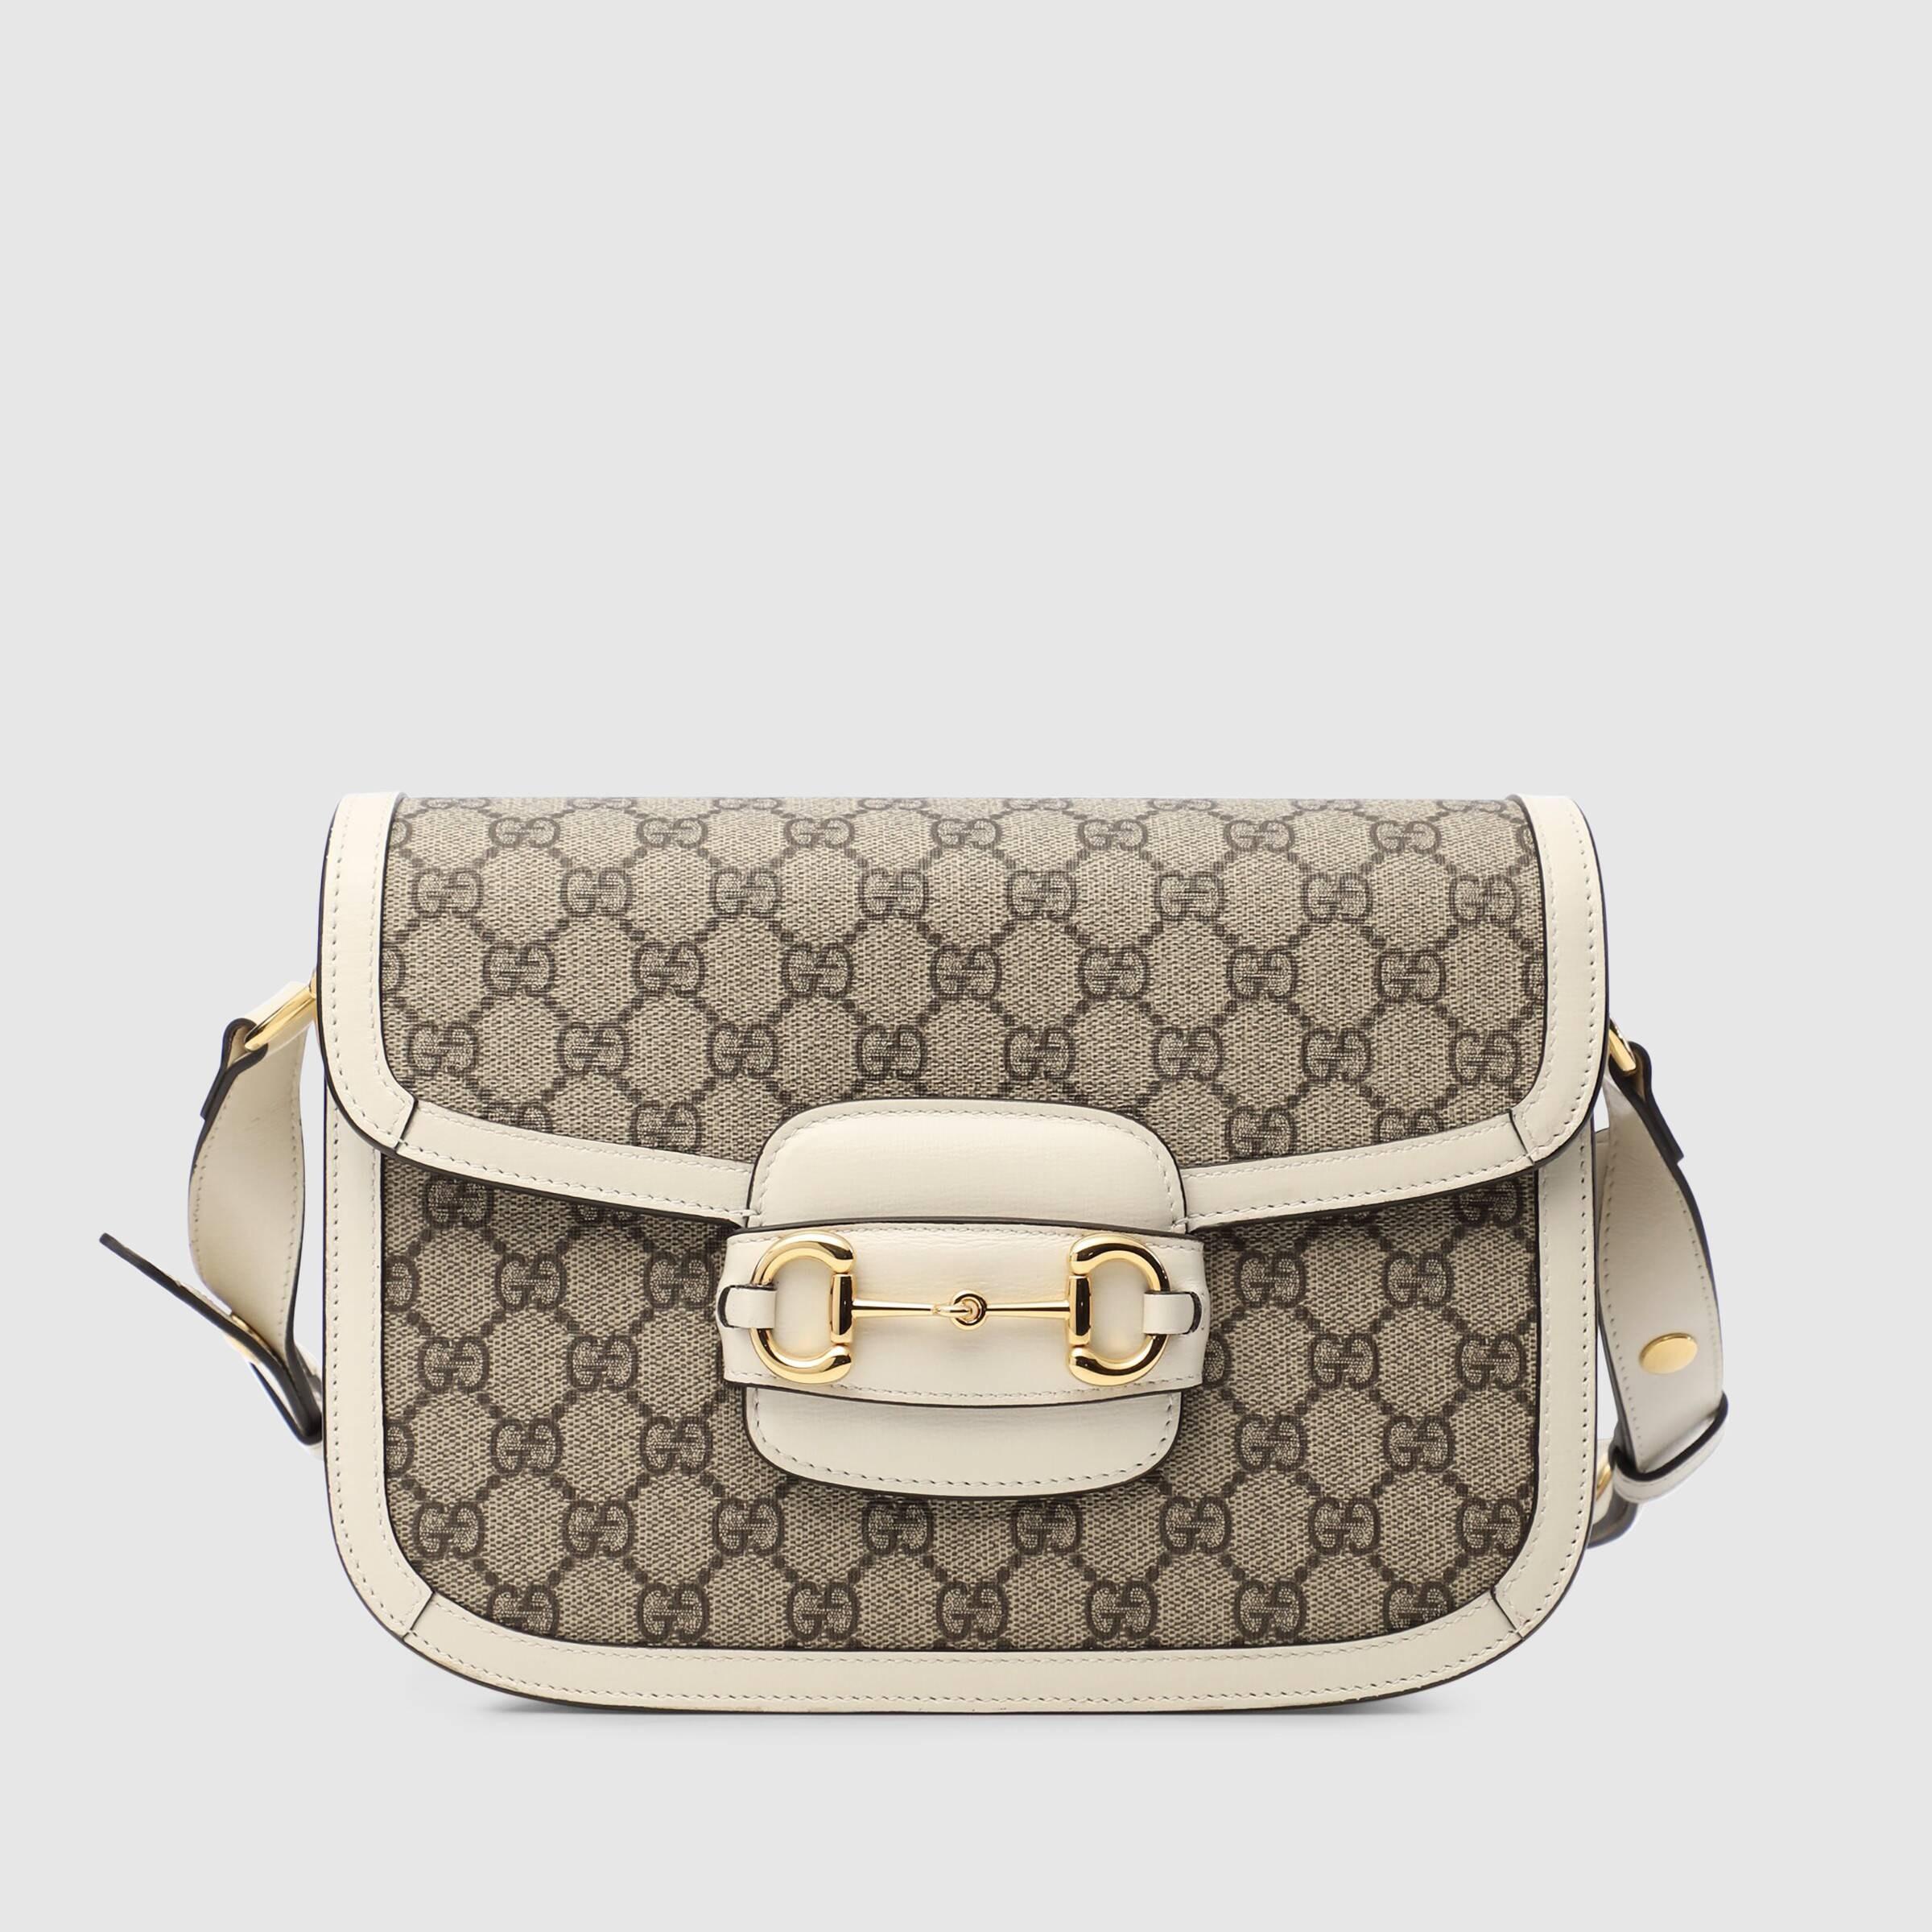 Gucci 1955 Horsebit small shoulder bag 602204 92TCG 9761